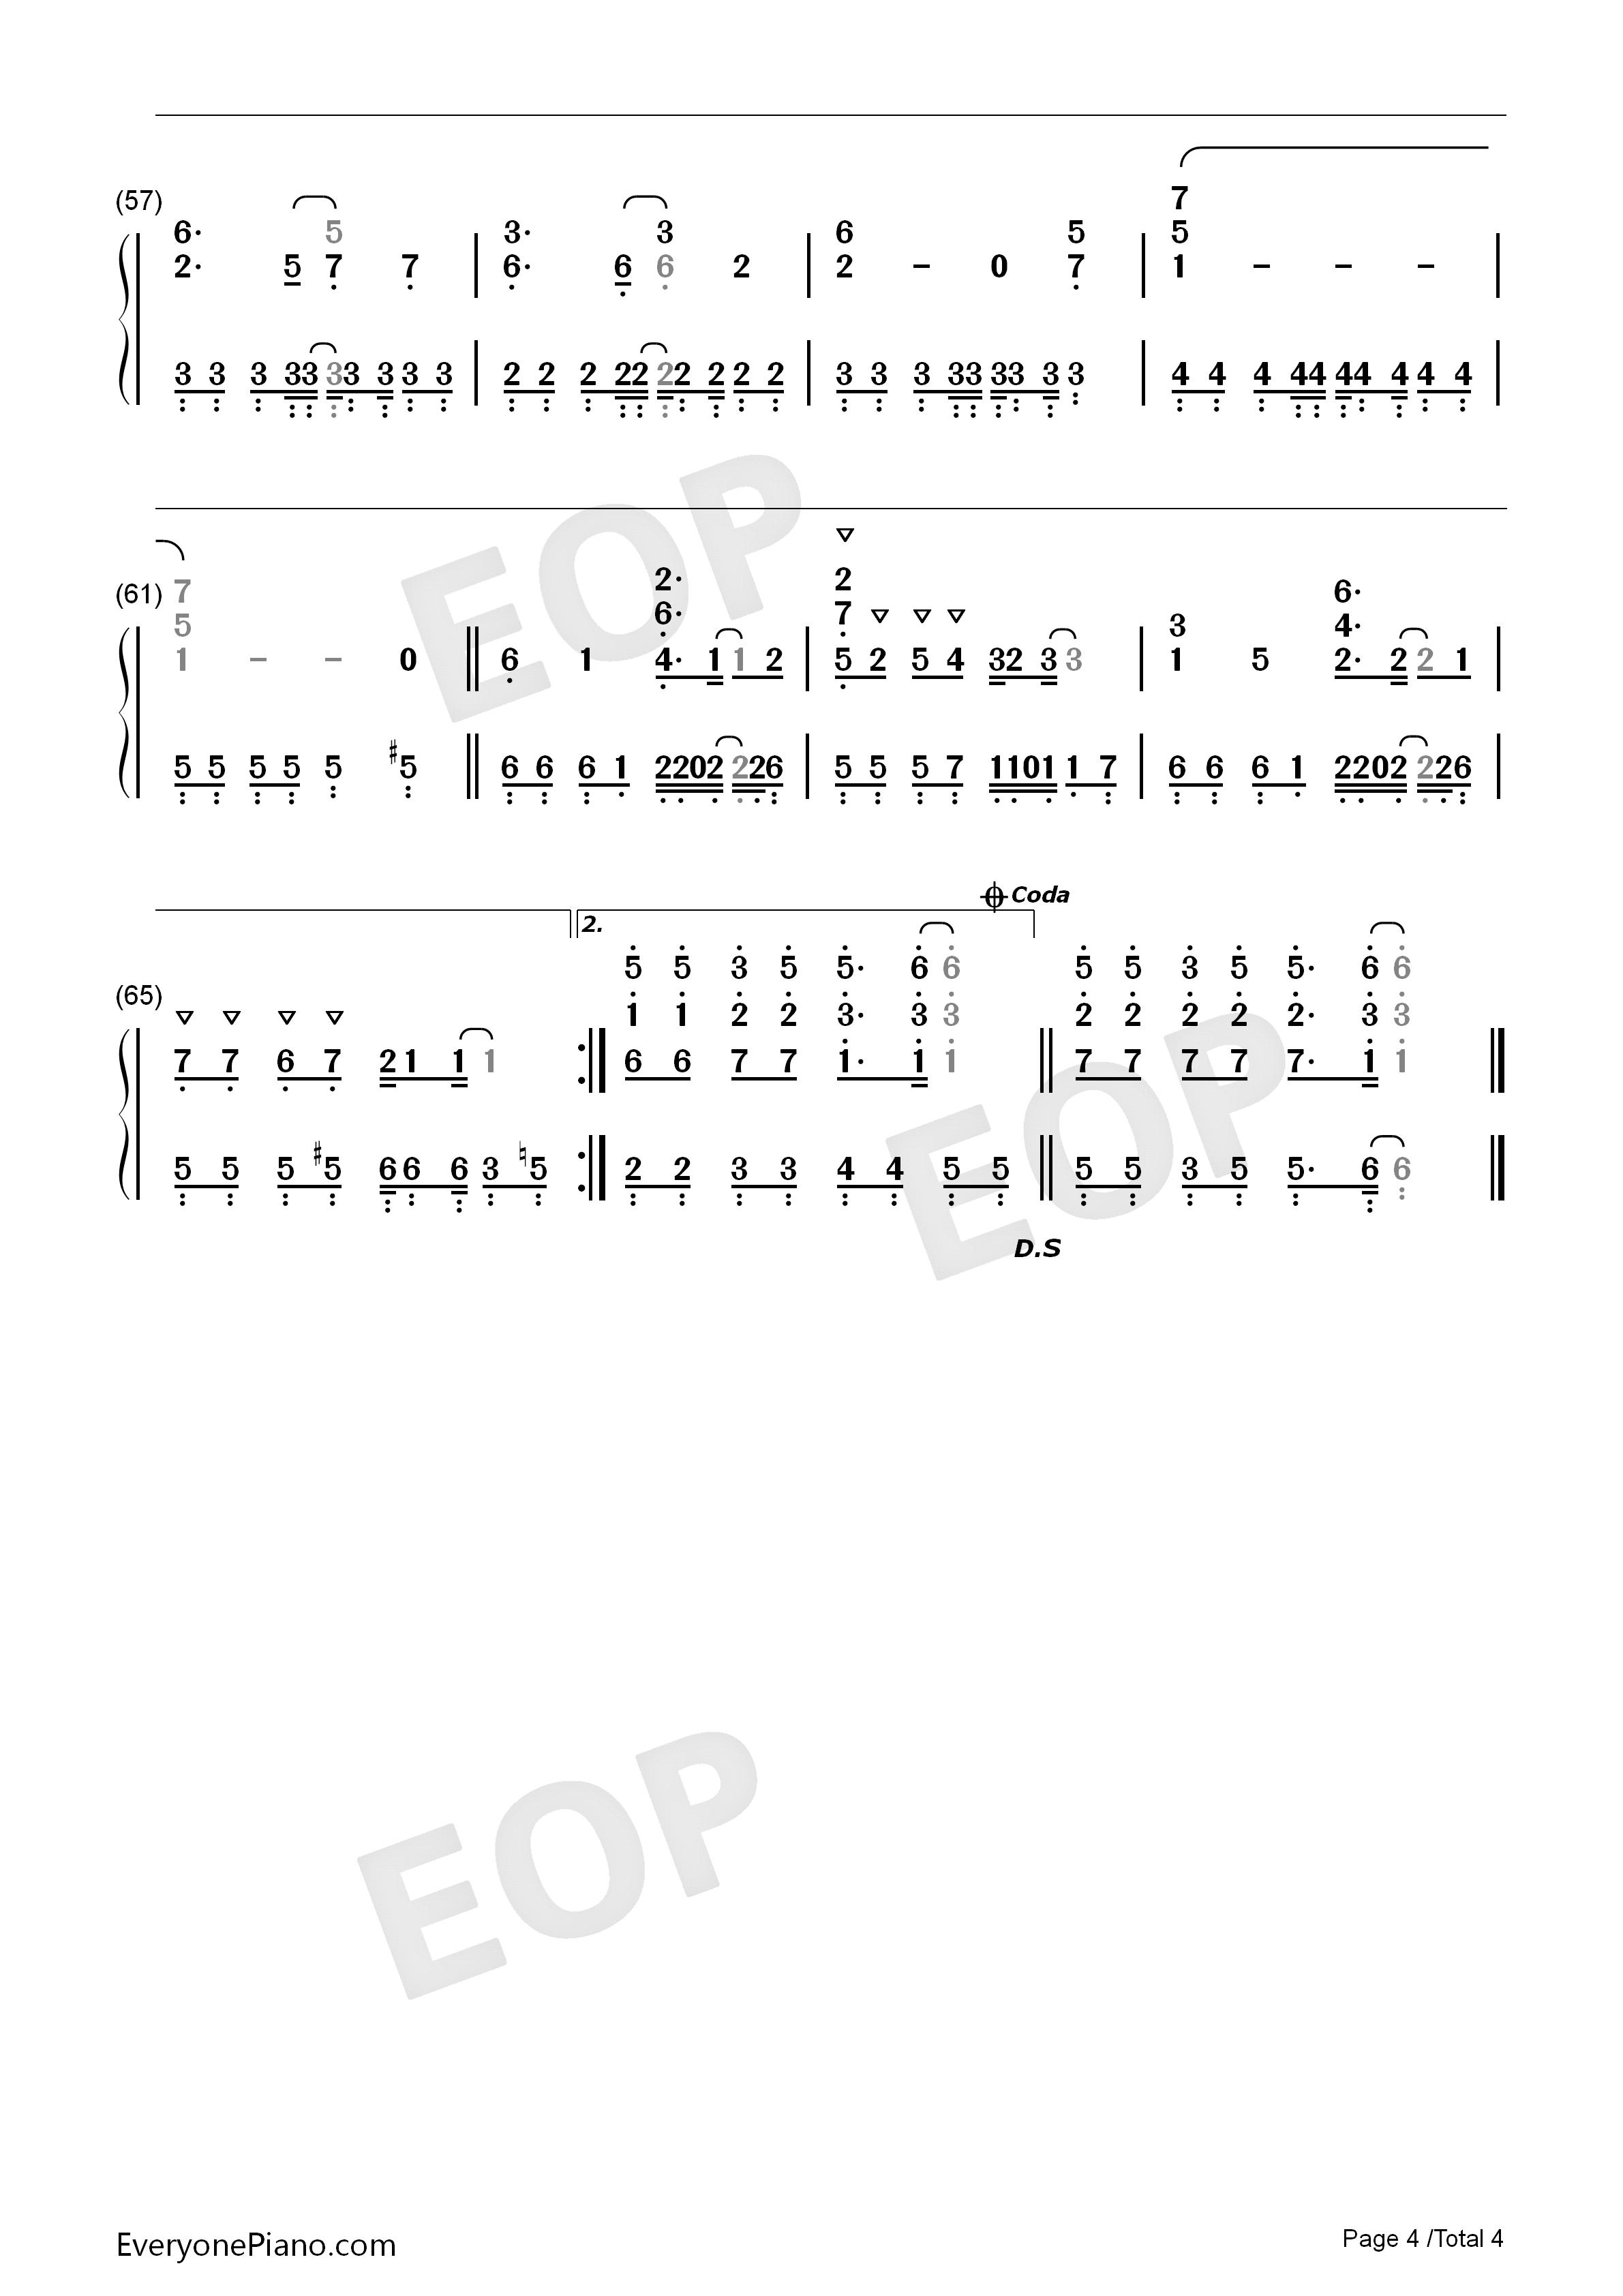 thesis of cruel angel tab Cruel angel's thesis ukulele tablature by neon genesis evangelion, free uke tab and chords.